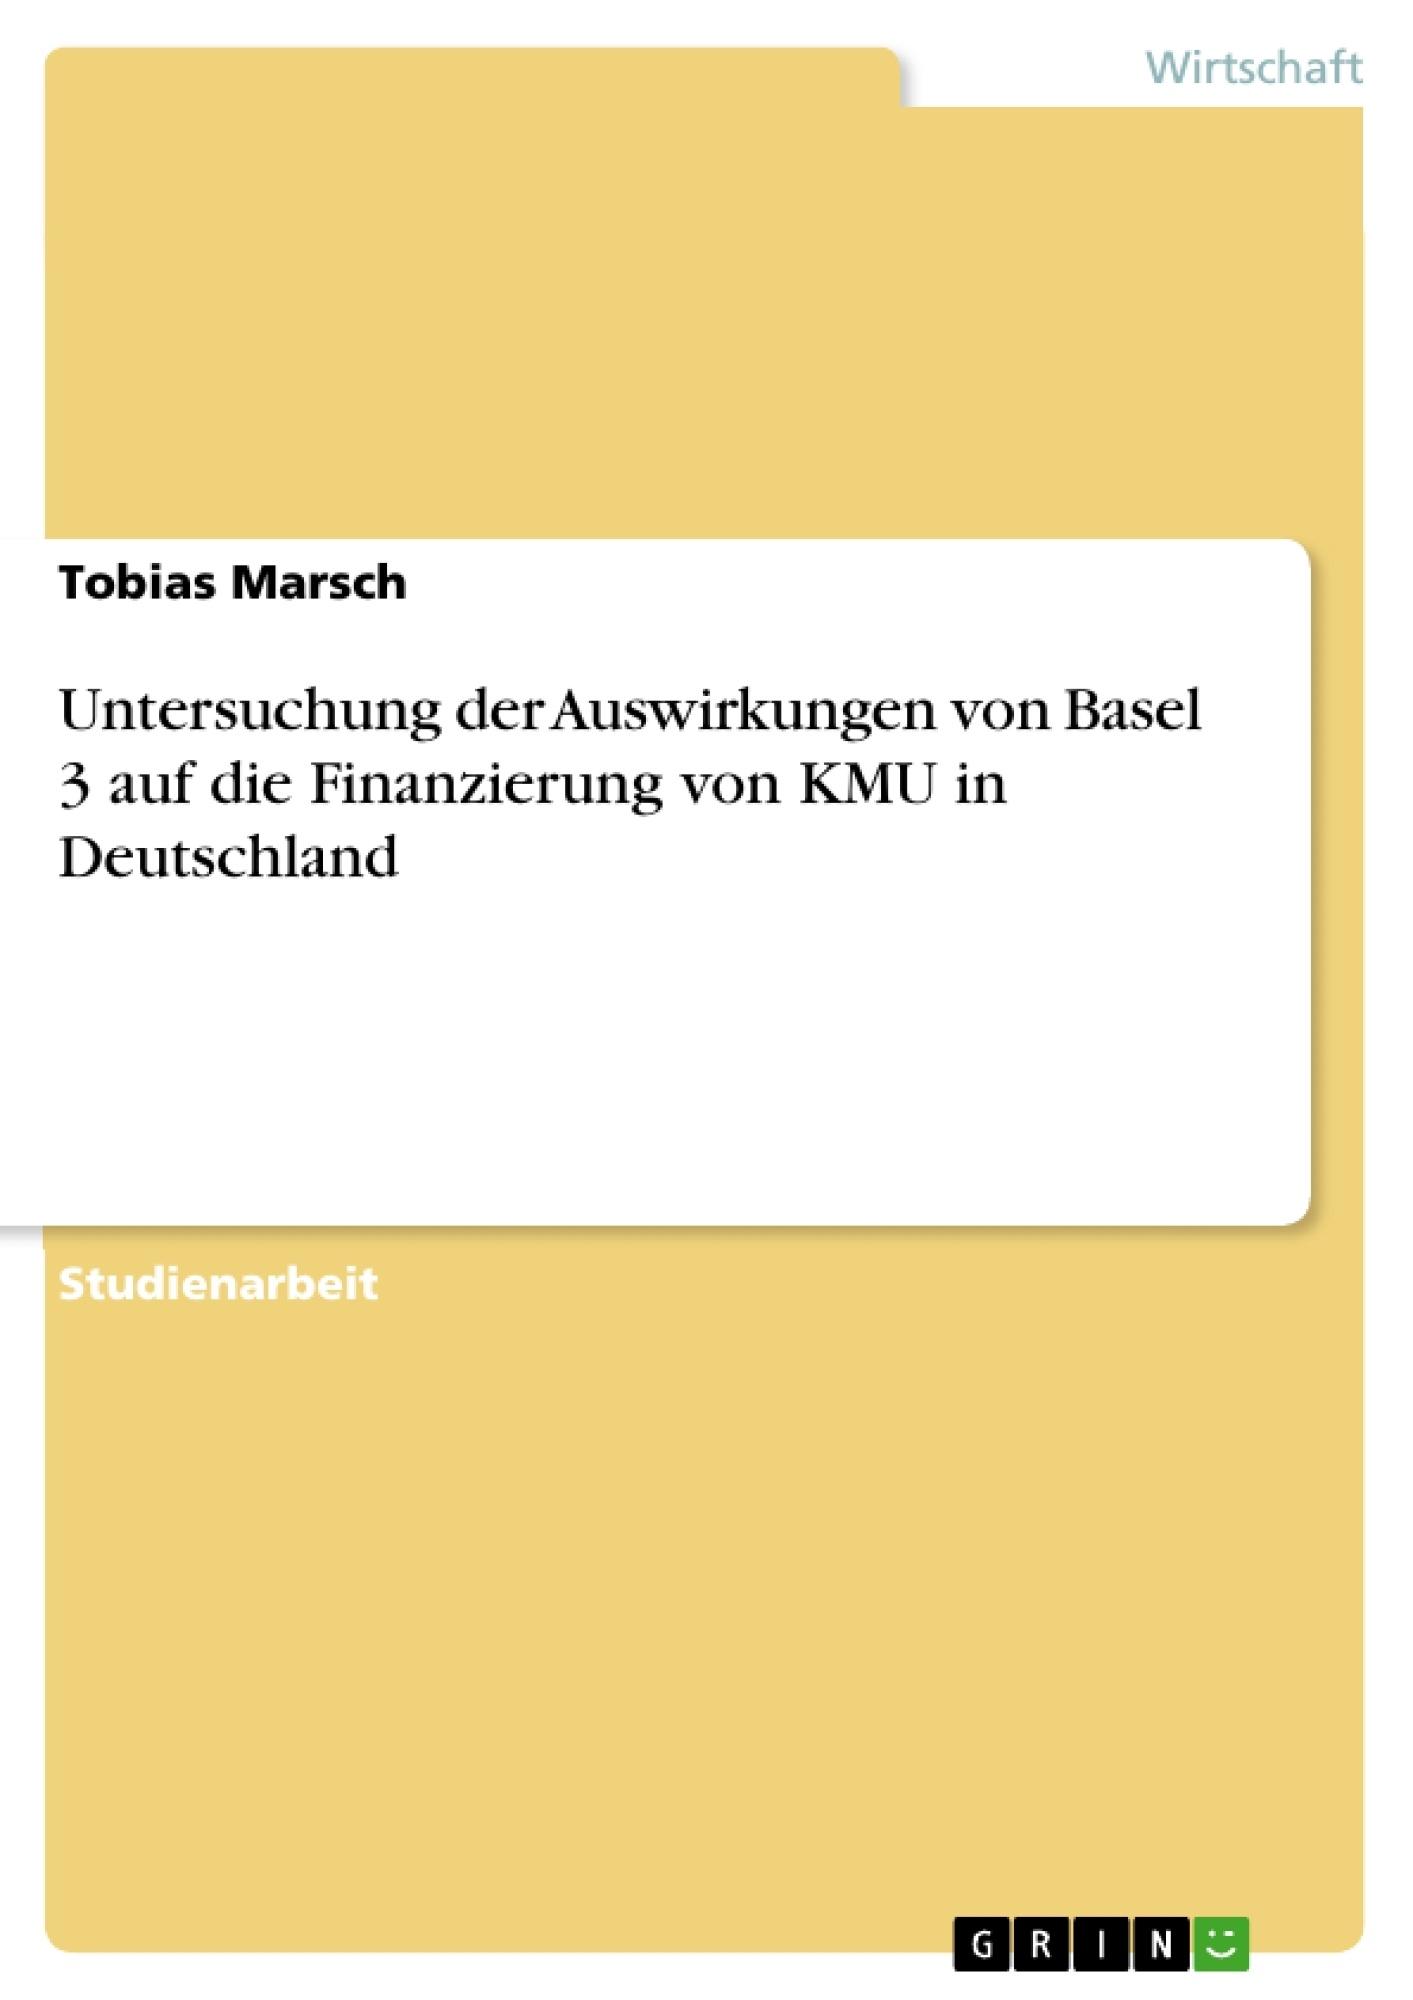 Titel: Untersuchung der Auswirkungen von Basel 3 auf die Finanzierung von KMU in Deutschland